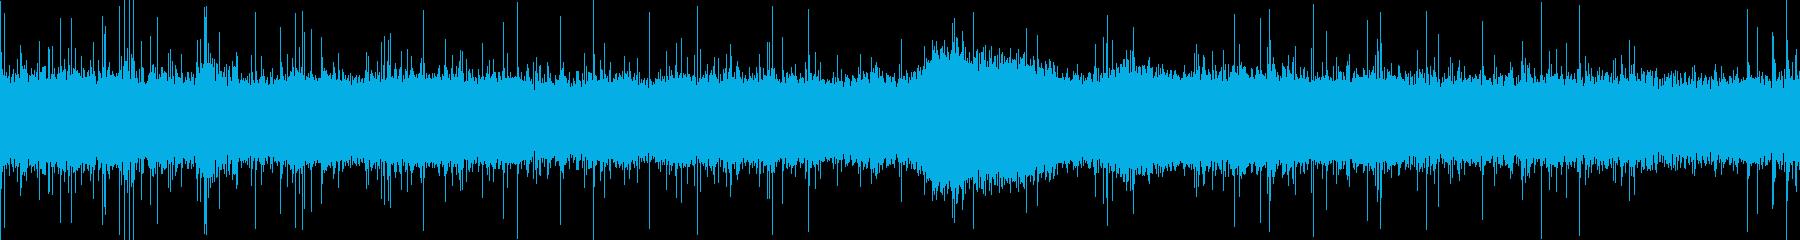 大雨の音(東京郊外)ループ処理済P1の再生済みの波形